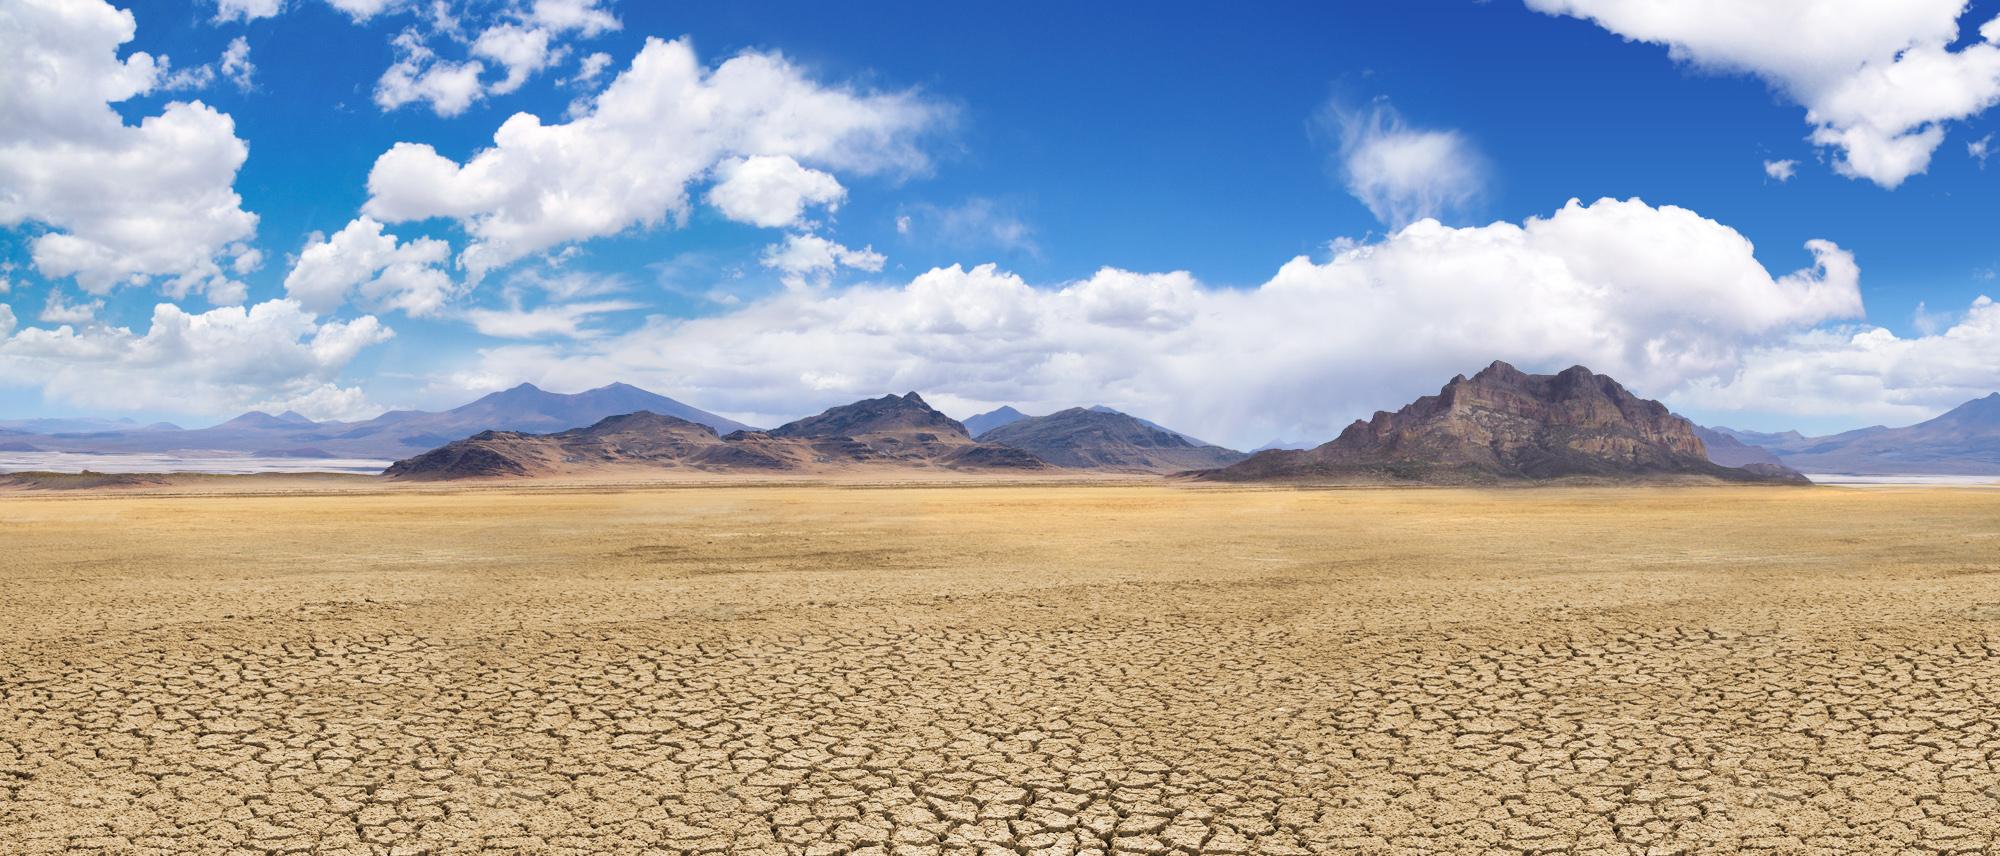 Desert background by Palpatine on DeviantArt